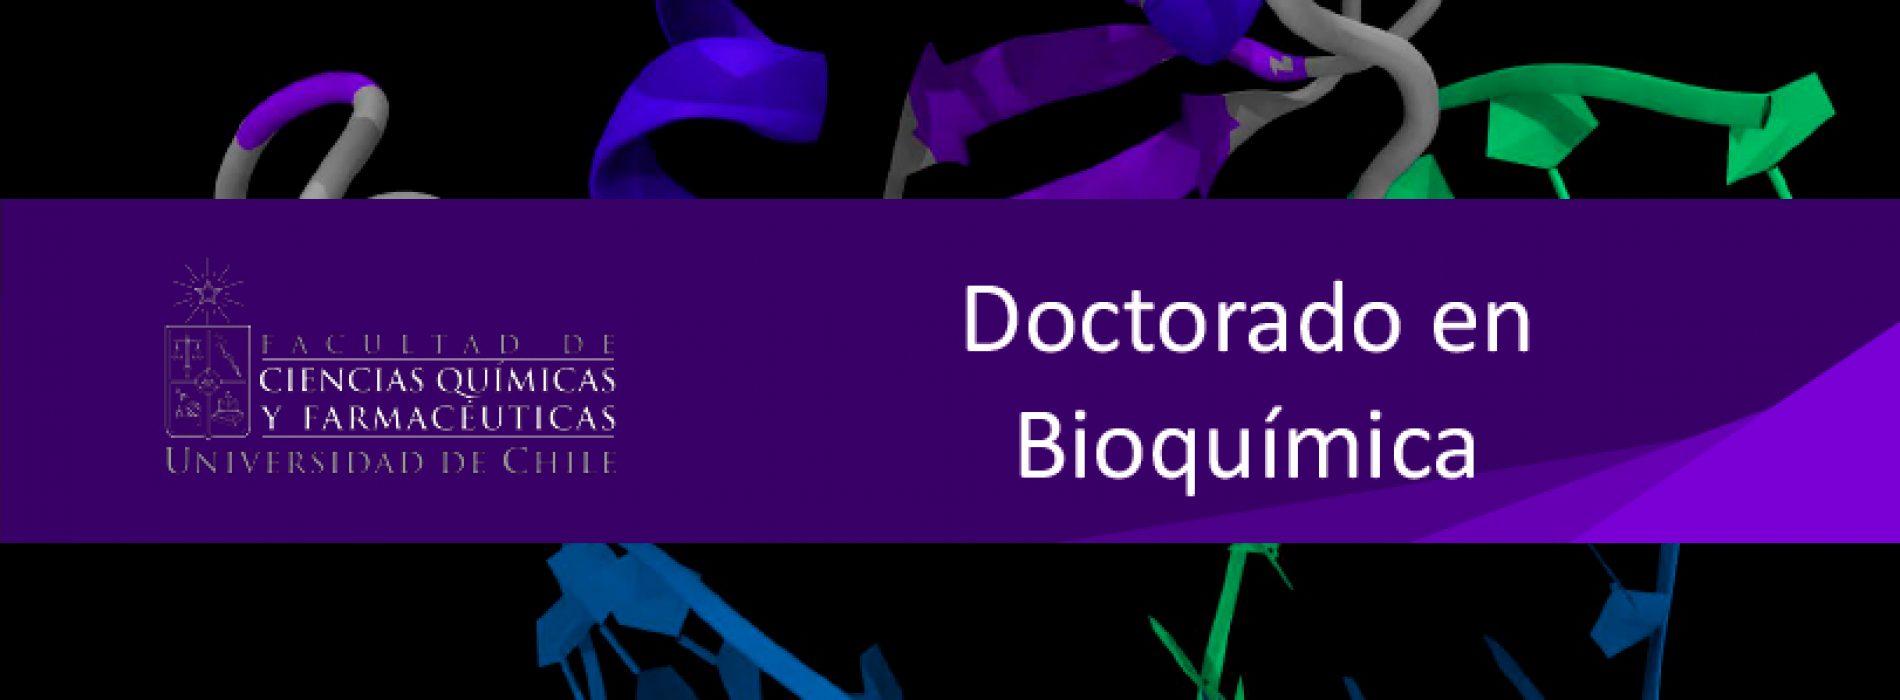 Doctorado en Bioquímica – Facultad de Ciencias Químicas y Farmacéuticas de la Universidad de Chile